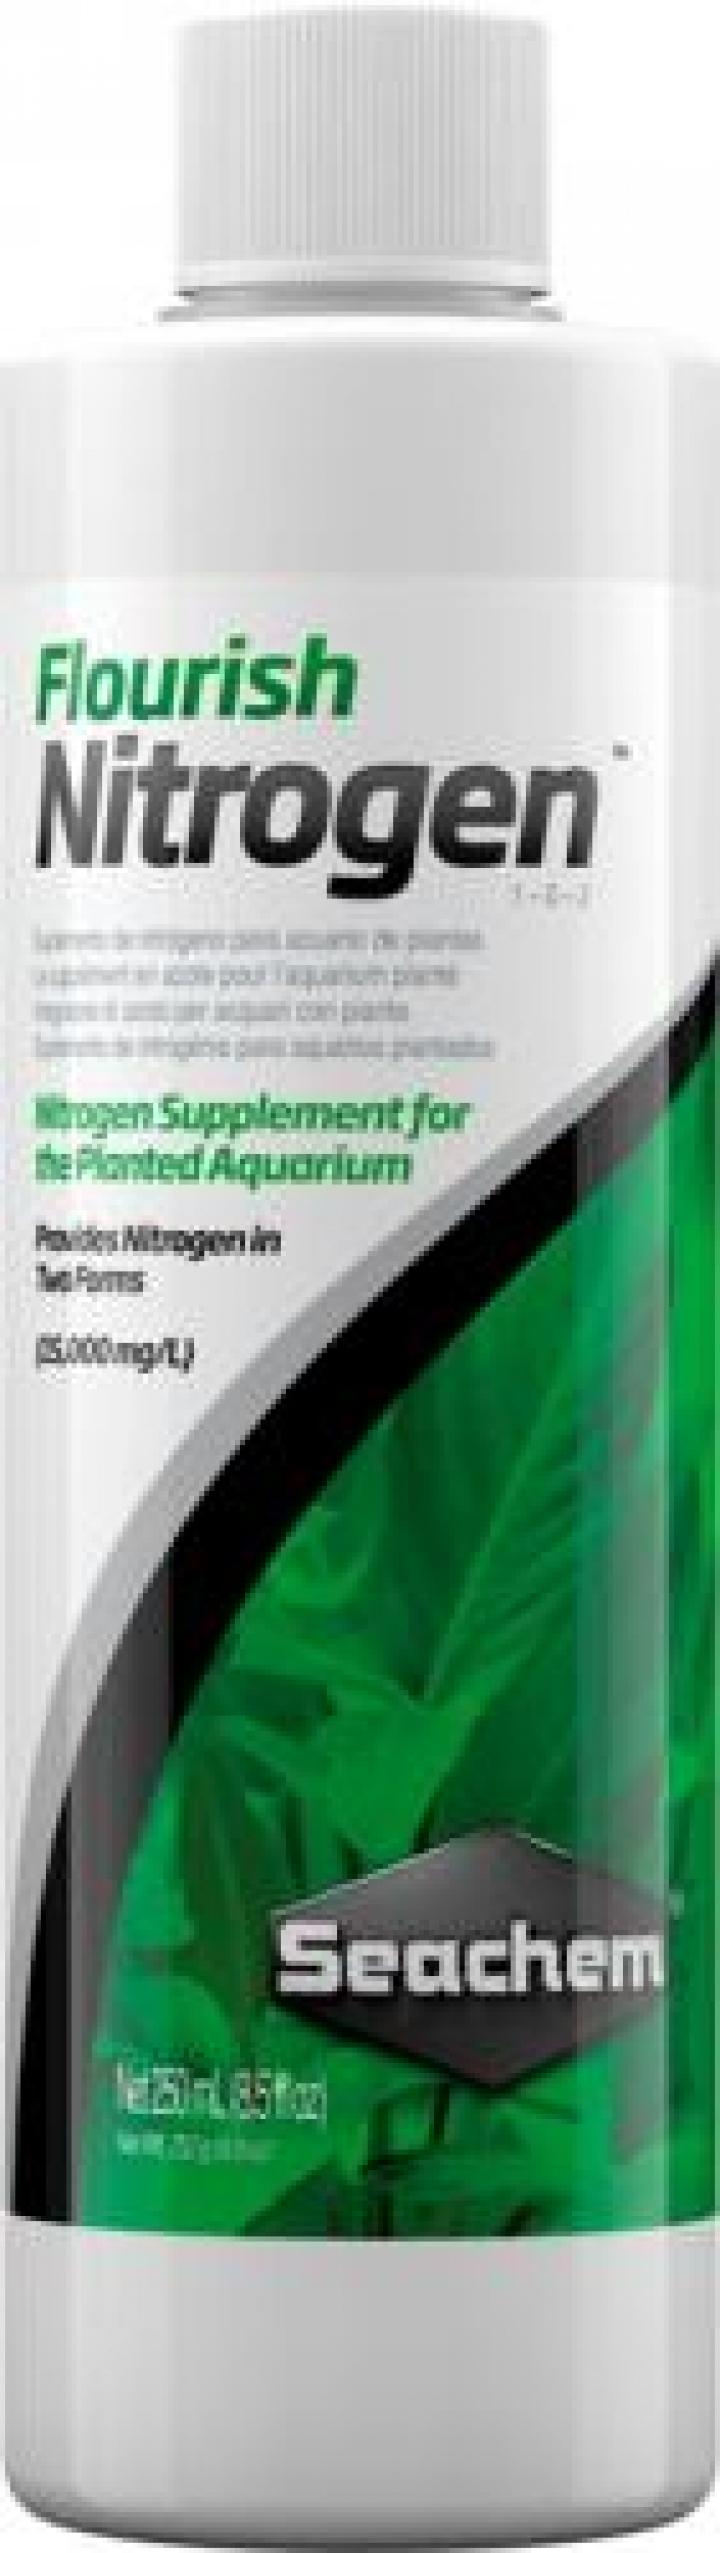 Flourish Nitrogen 100 ml